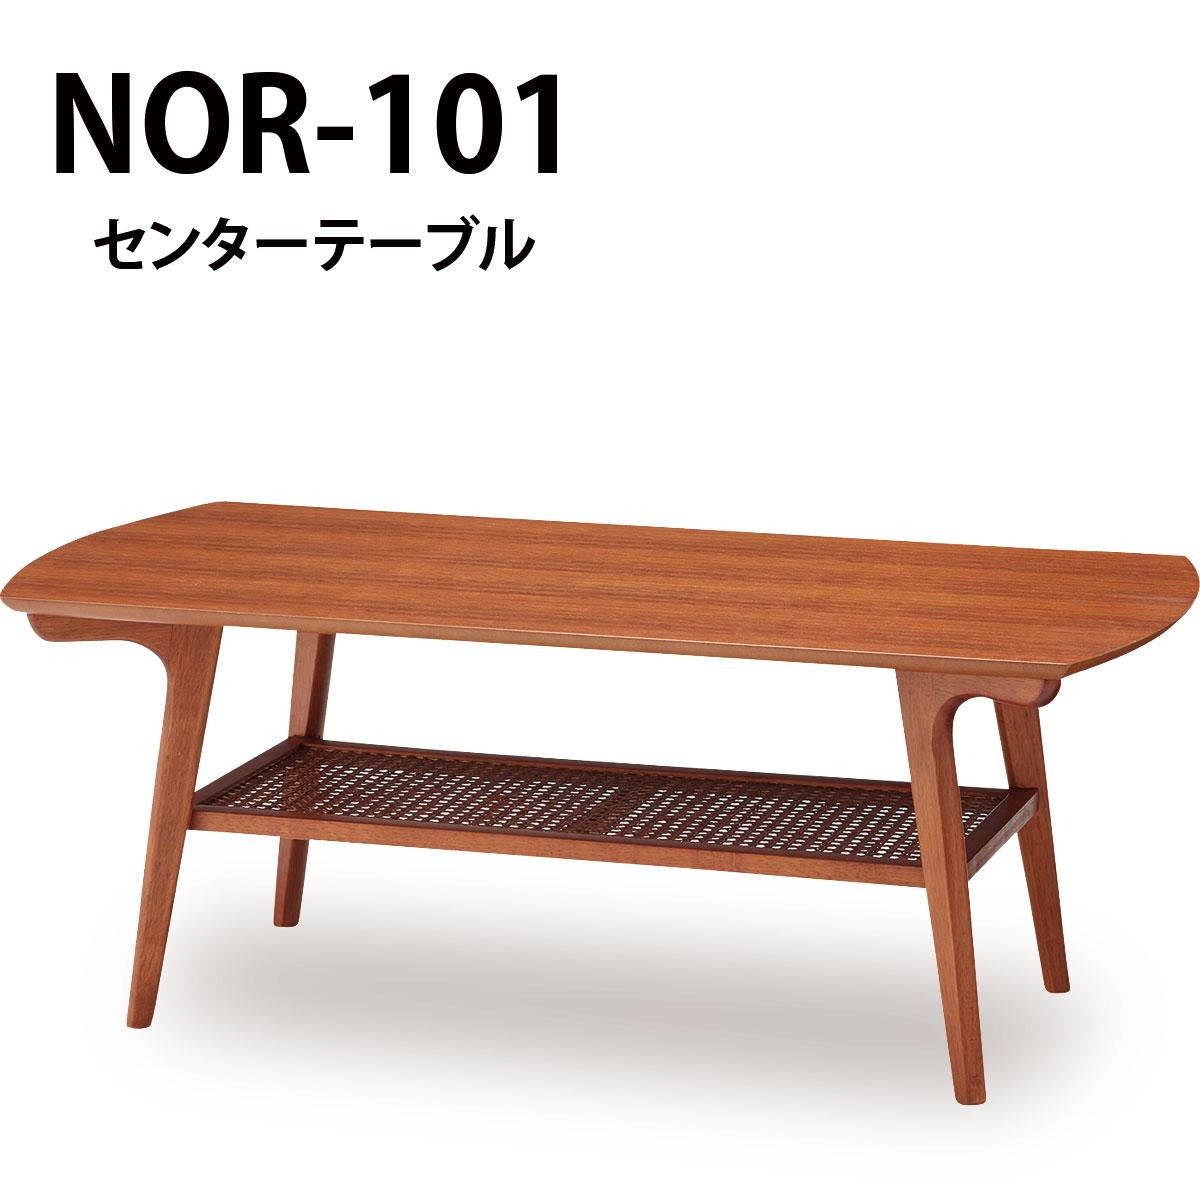 昭和&北欧風のセンターテーブル